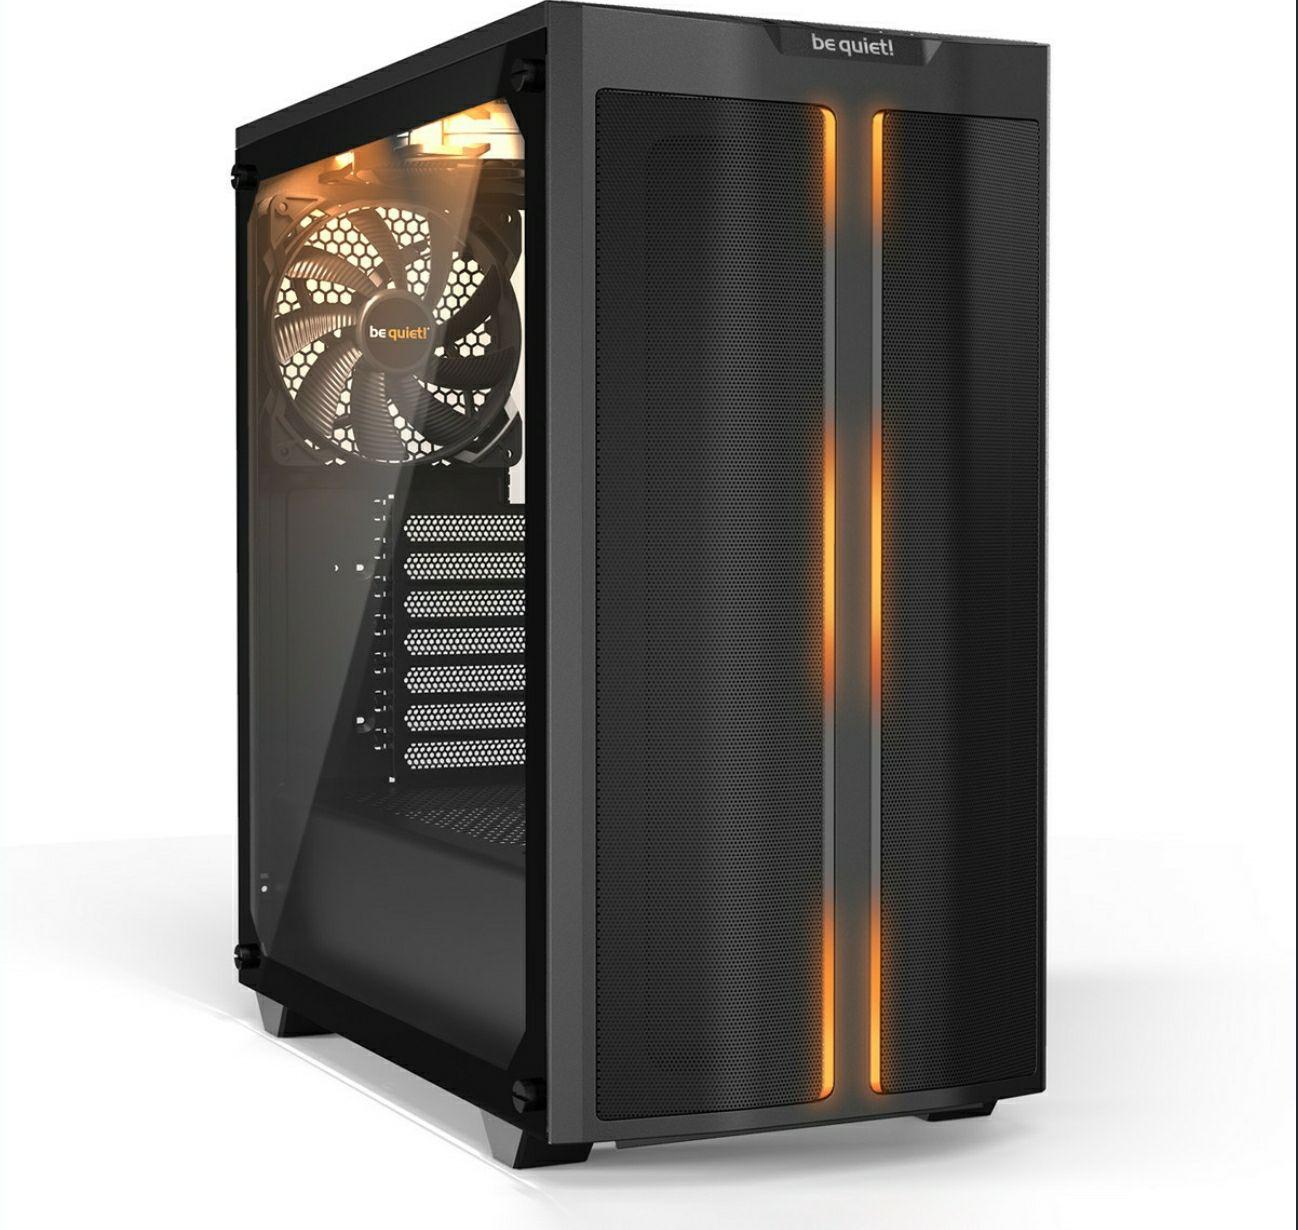 be quiet! Pure Base 500DX schwarz, Glasfenster, schallgedämmt